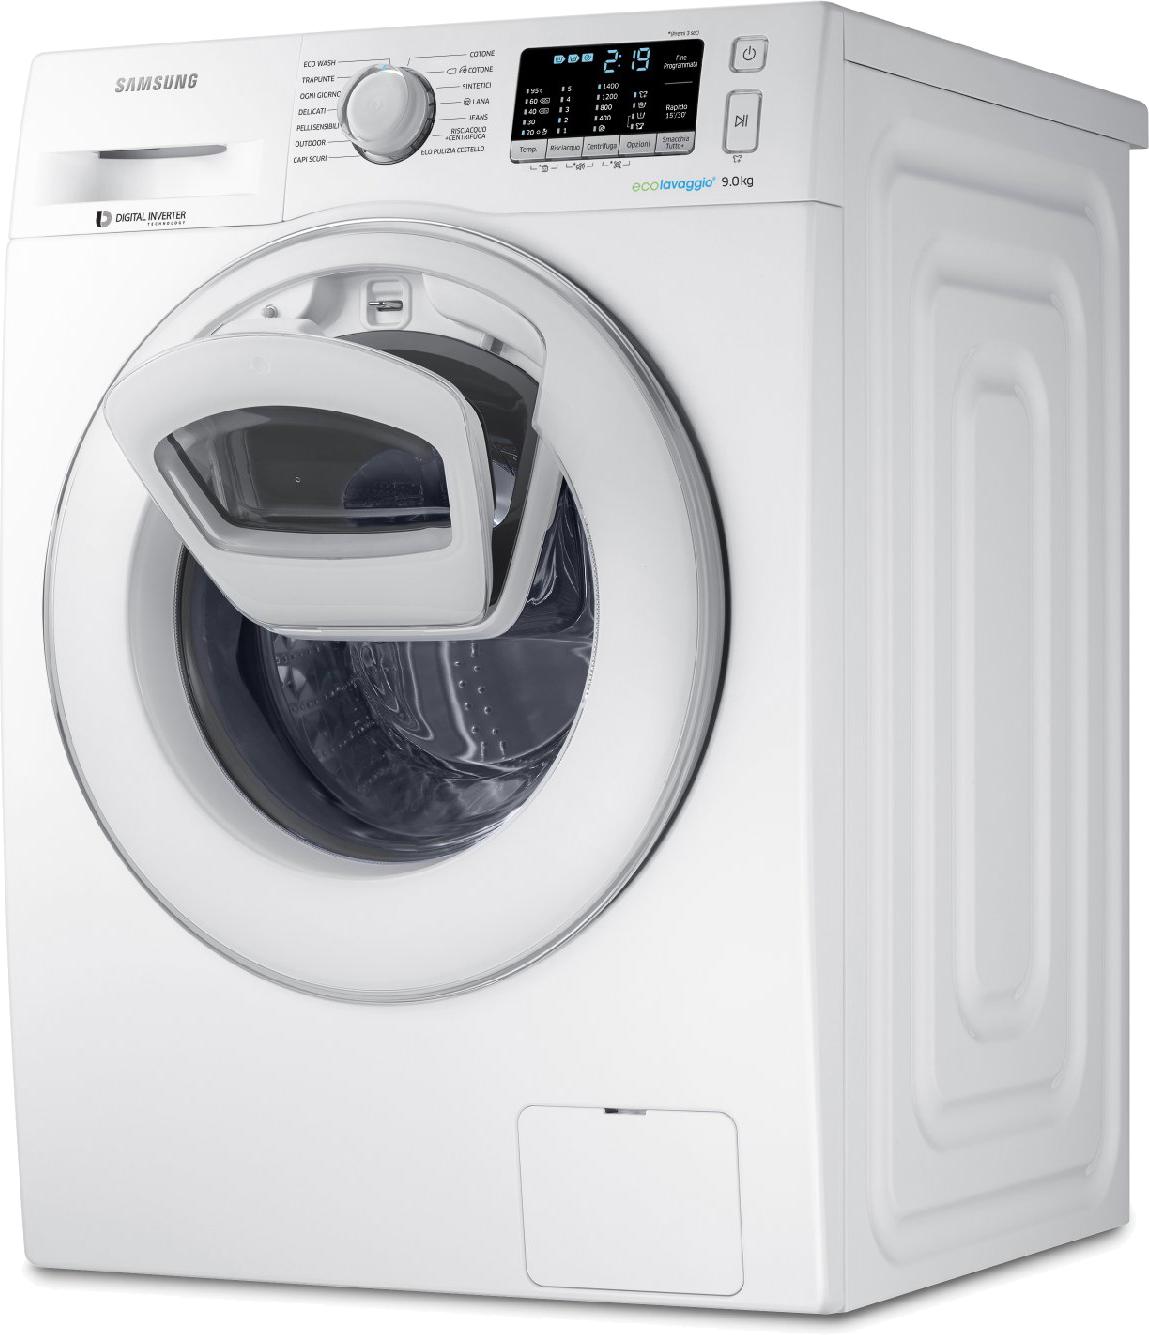 Ремонт стиральных машин Samsung в Казани